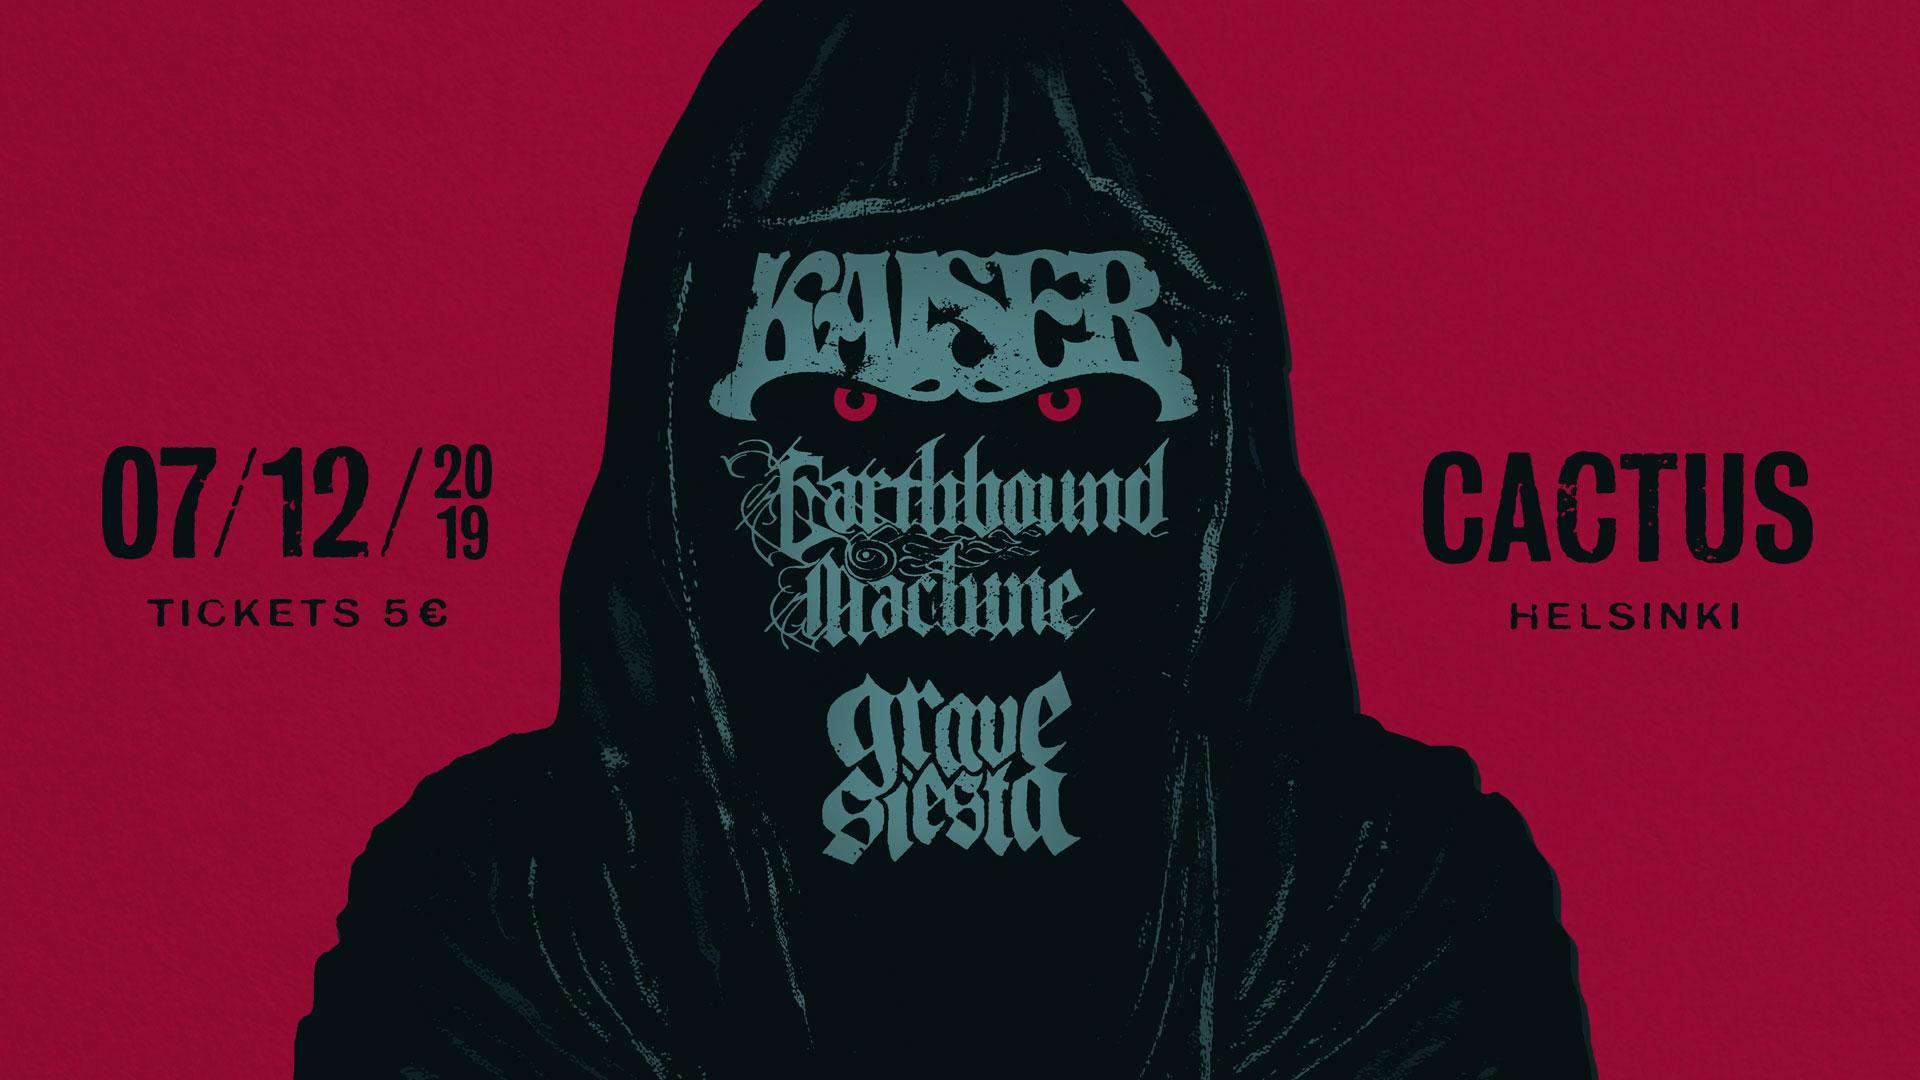 Linkki tapahtumaan Kaiser, Earthbound Machine, Grave Siesta